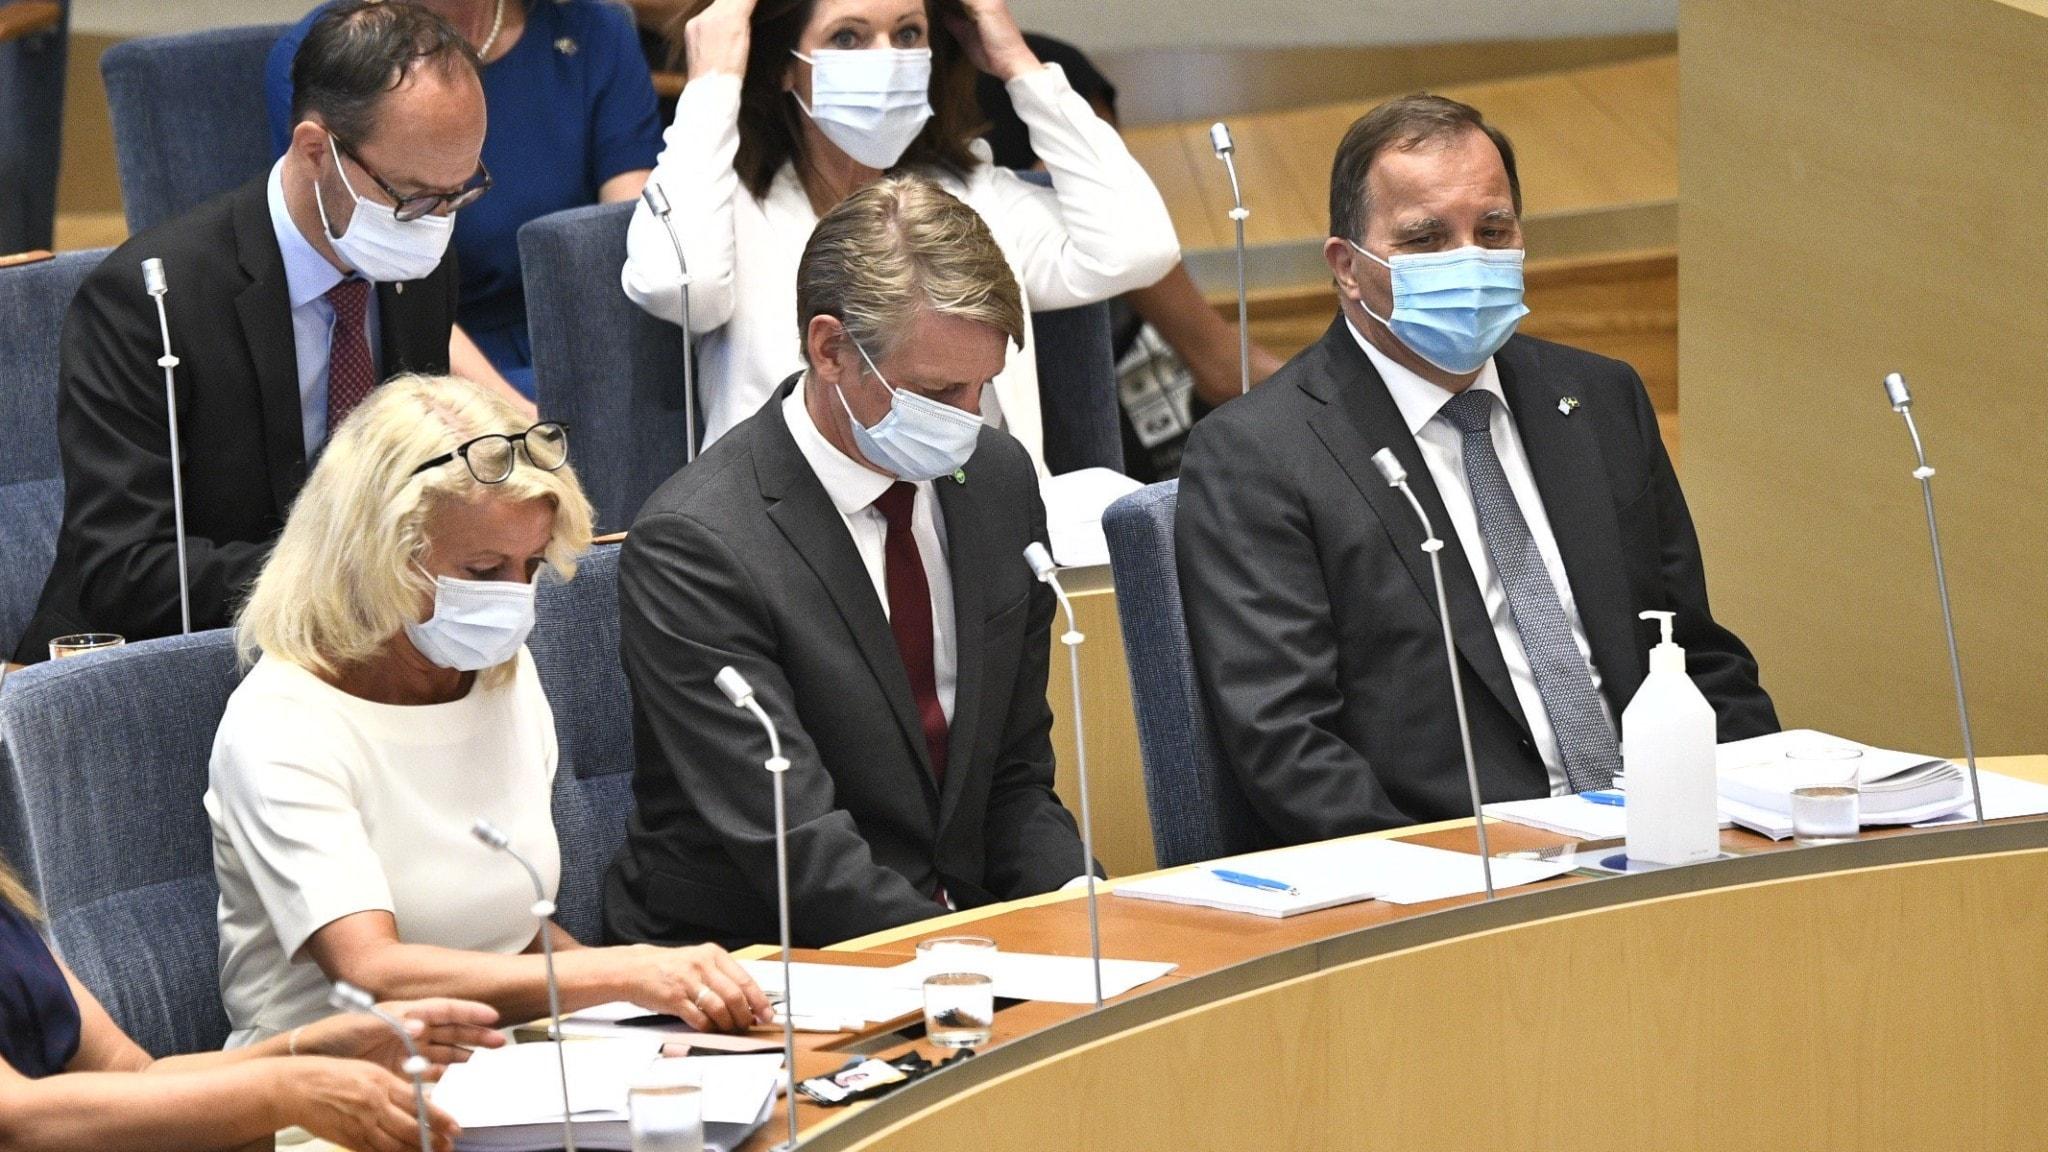 En bild på statsminister Stefan Löfven och några av regeringens ministrar, i riksdagen idag. De har munskydd  på sig.